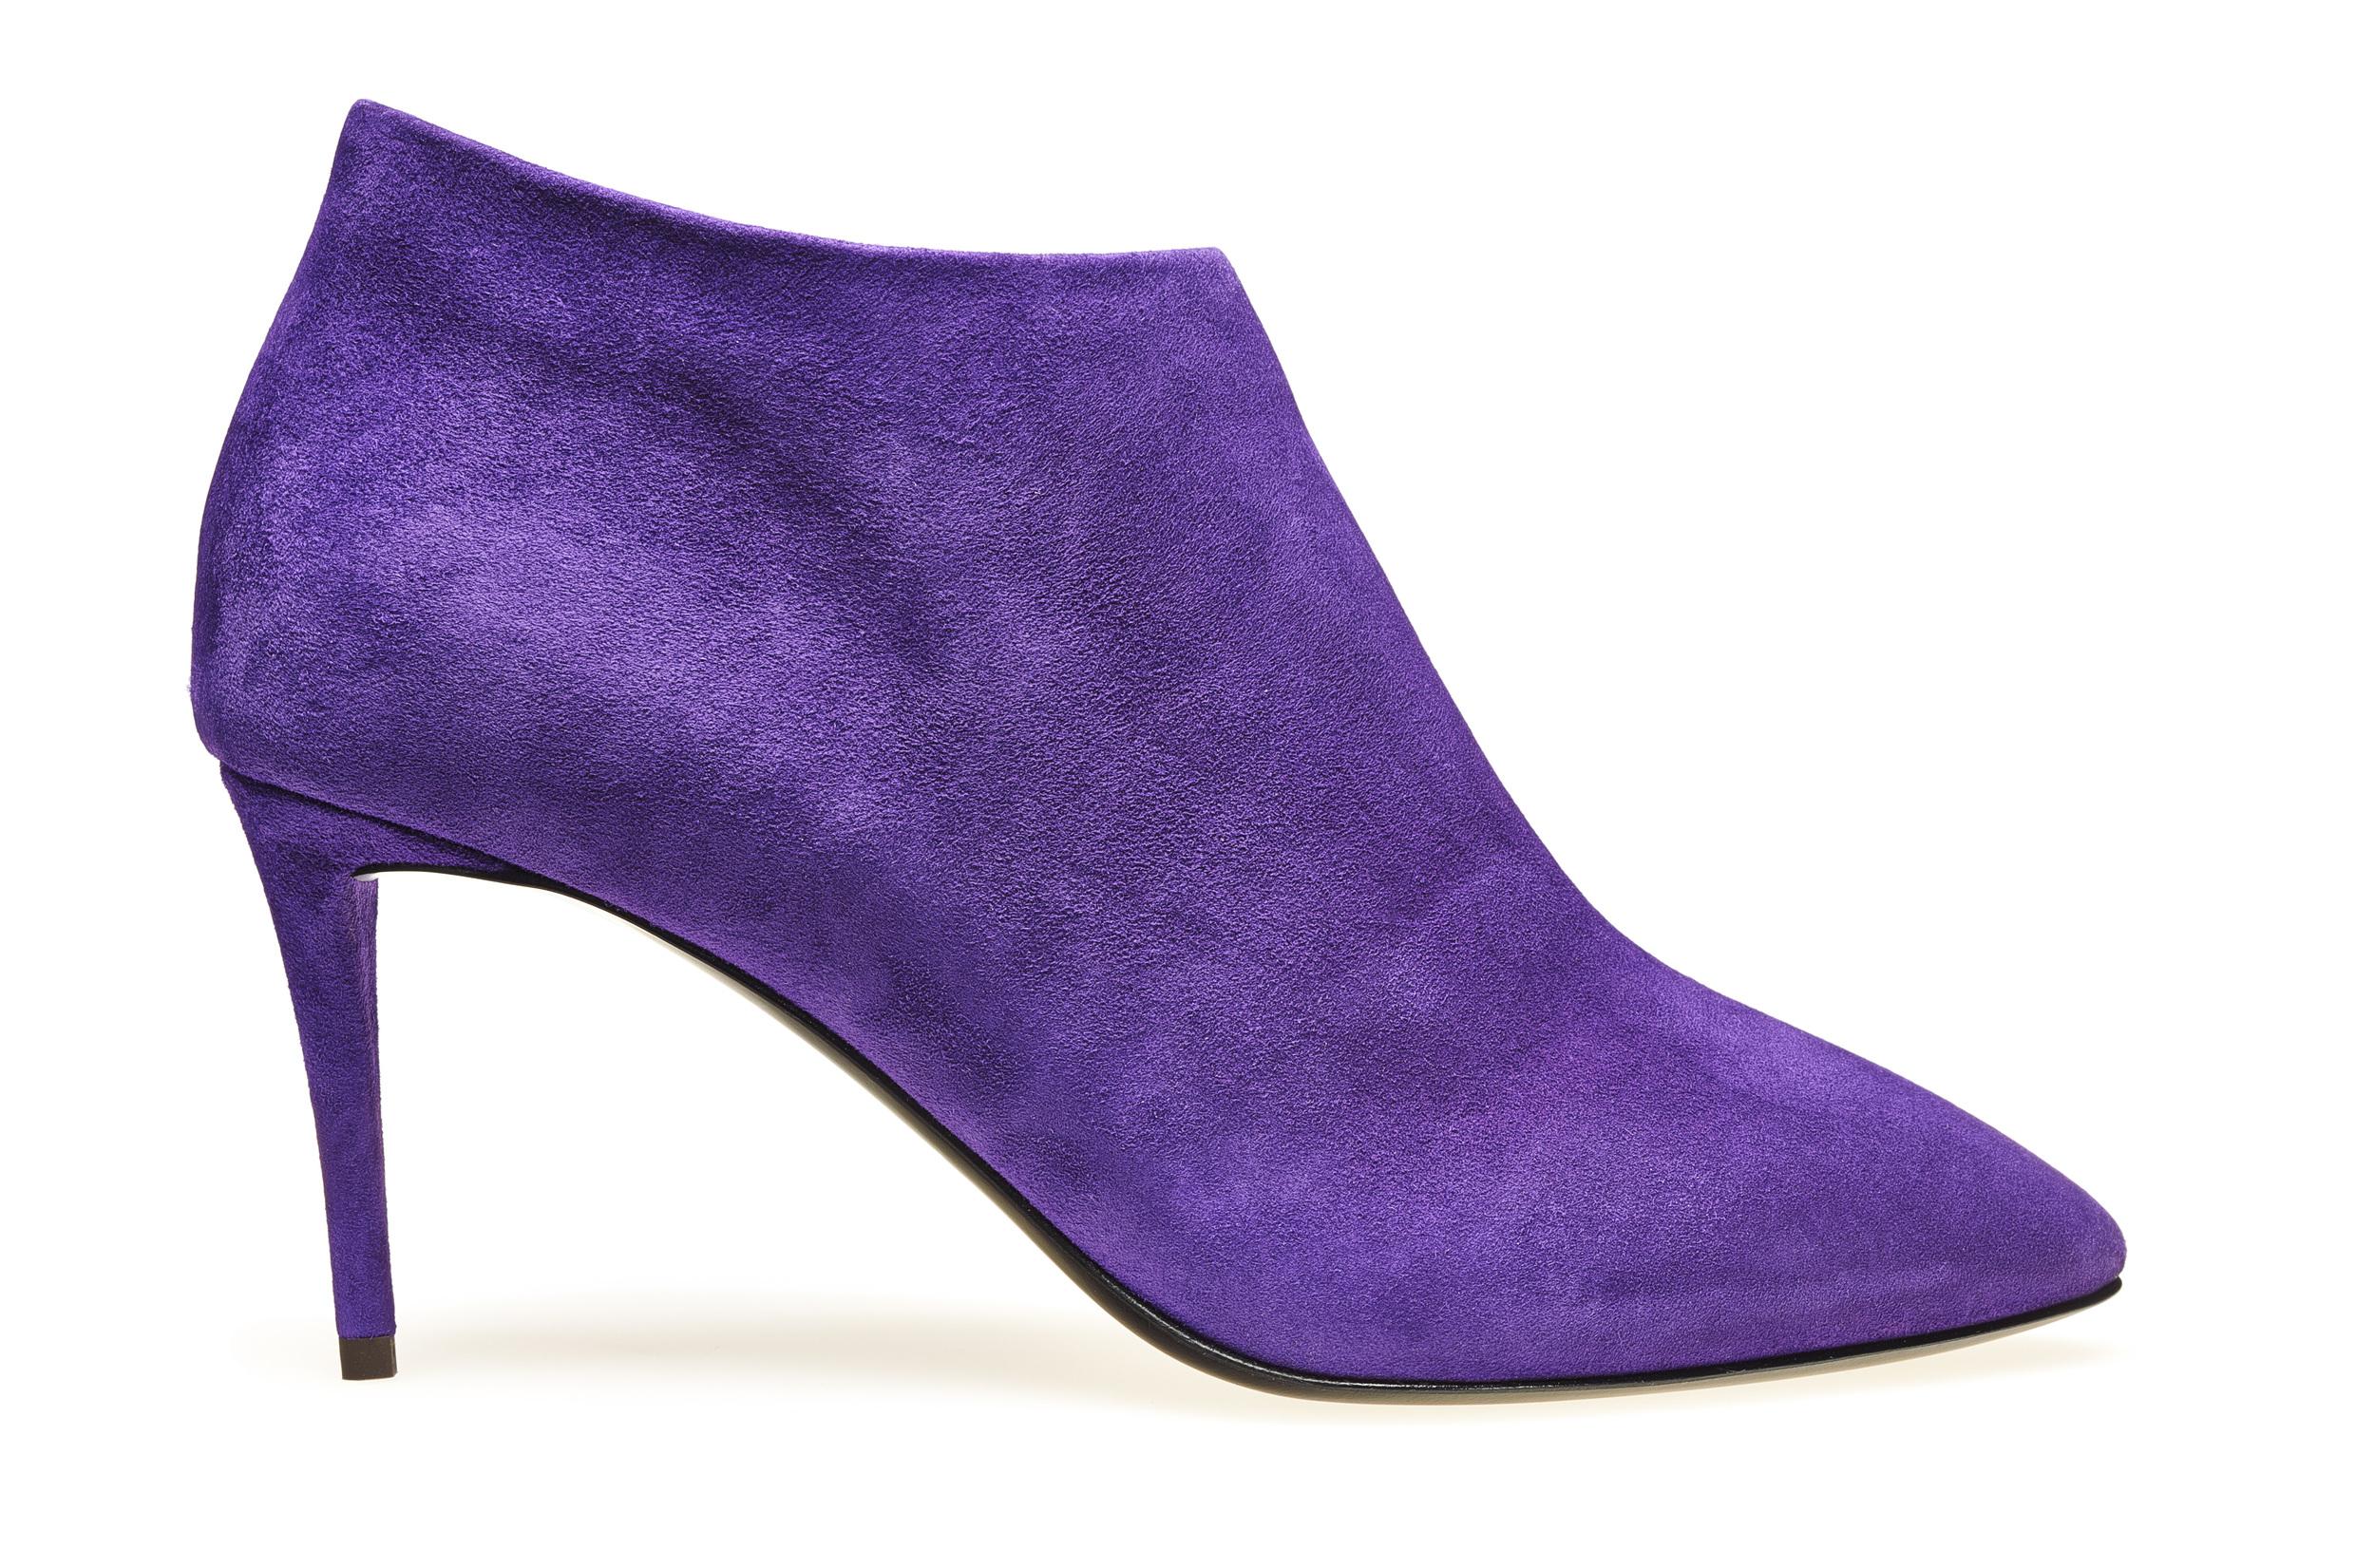 P & K Freisteller HW 2015 Guiseppe Zanotti ankle boot EUR 625